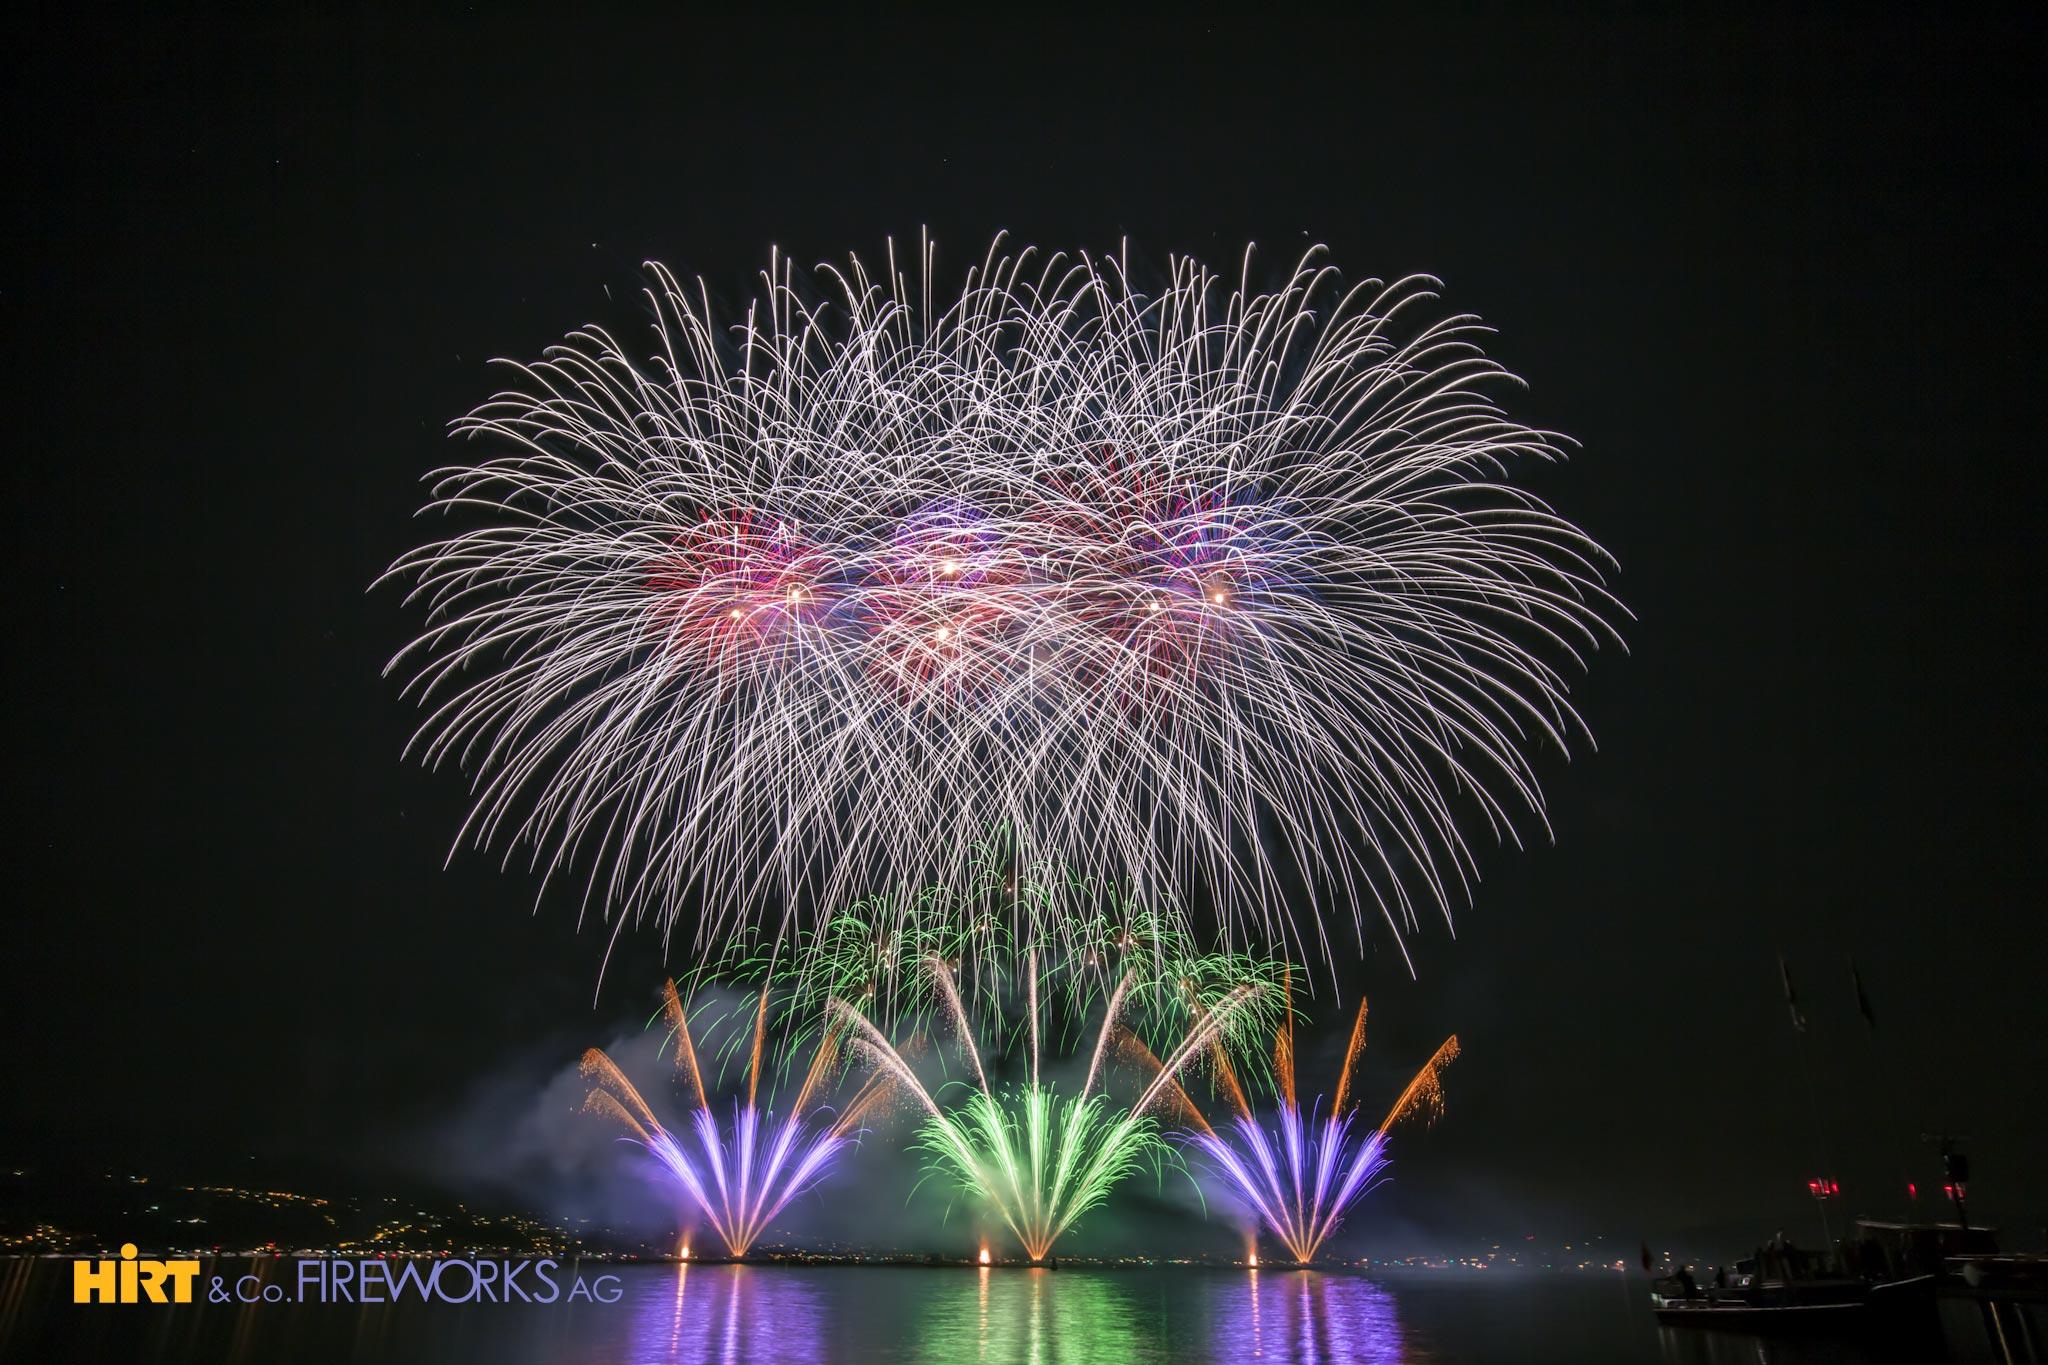 Ein tolles Feuerwerk mit Produkten aus unserem Feuerwerksverkauf